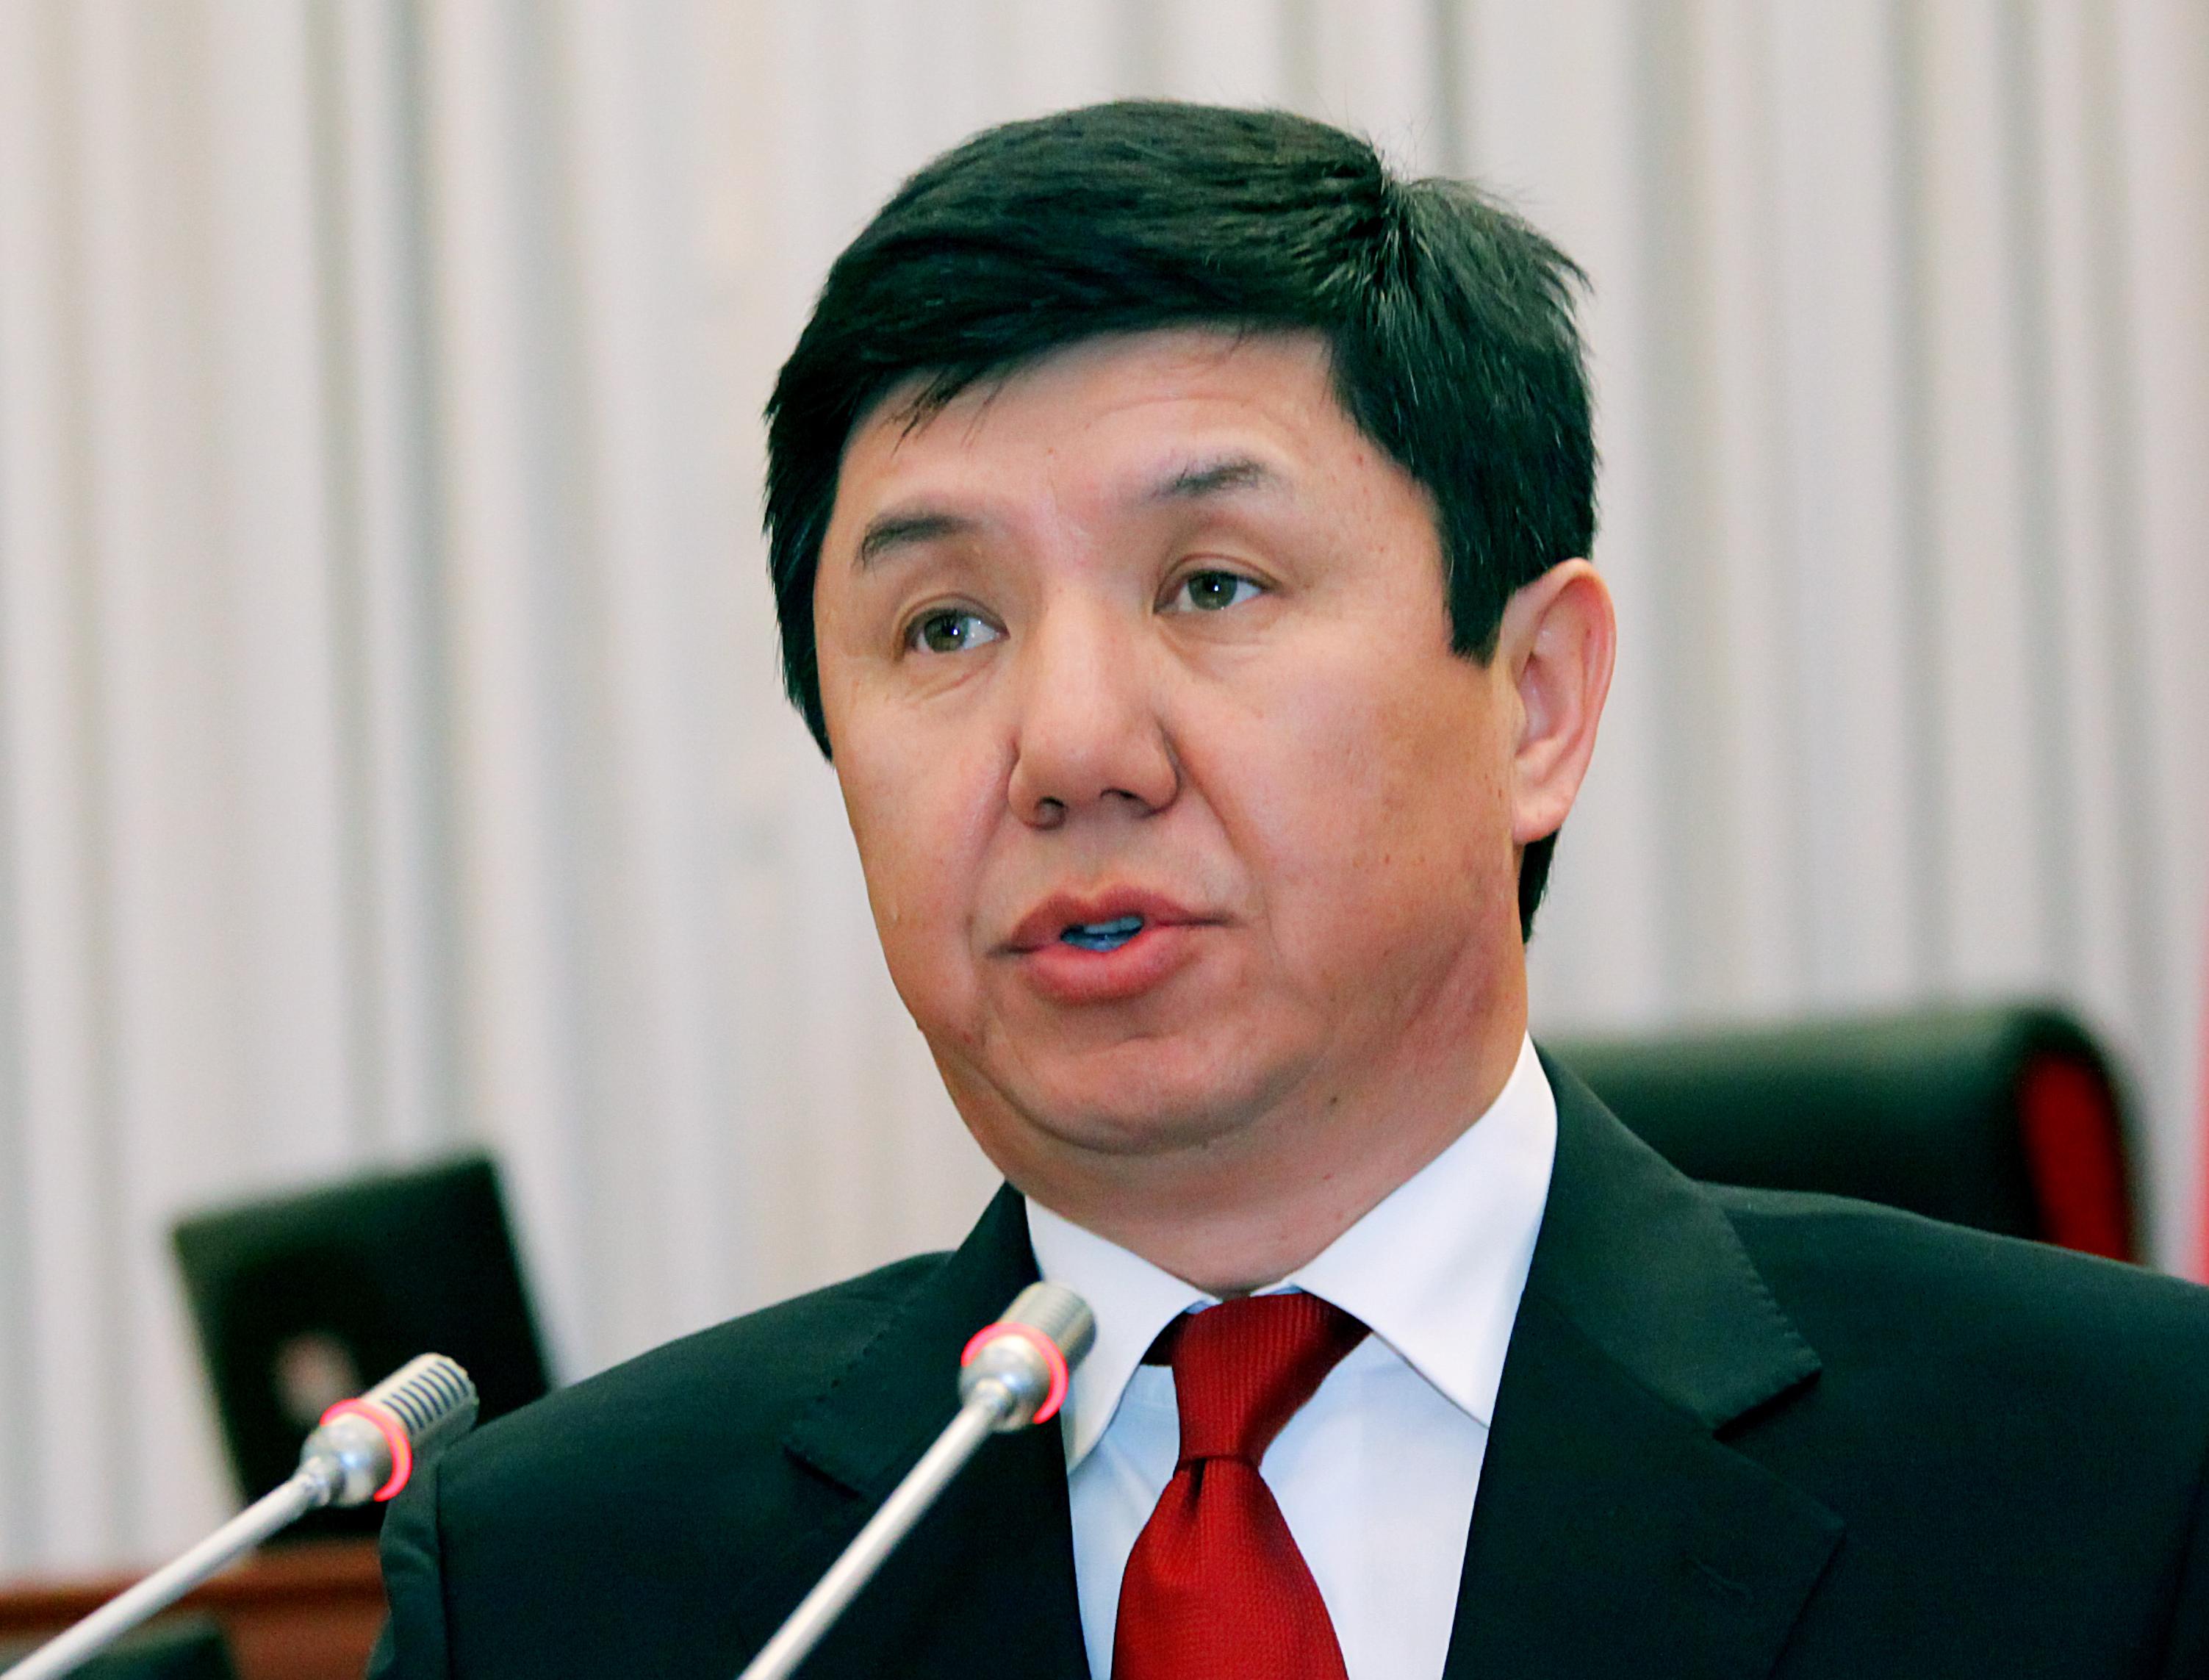 У нас есть полное право выйти из Таможенного союза – Темир Сариев